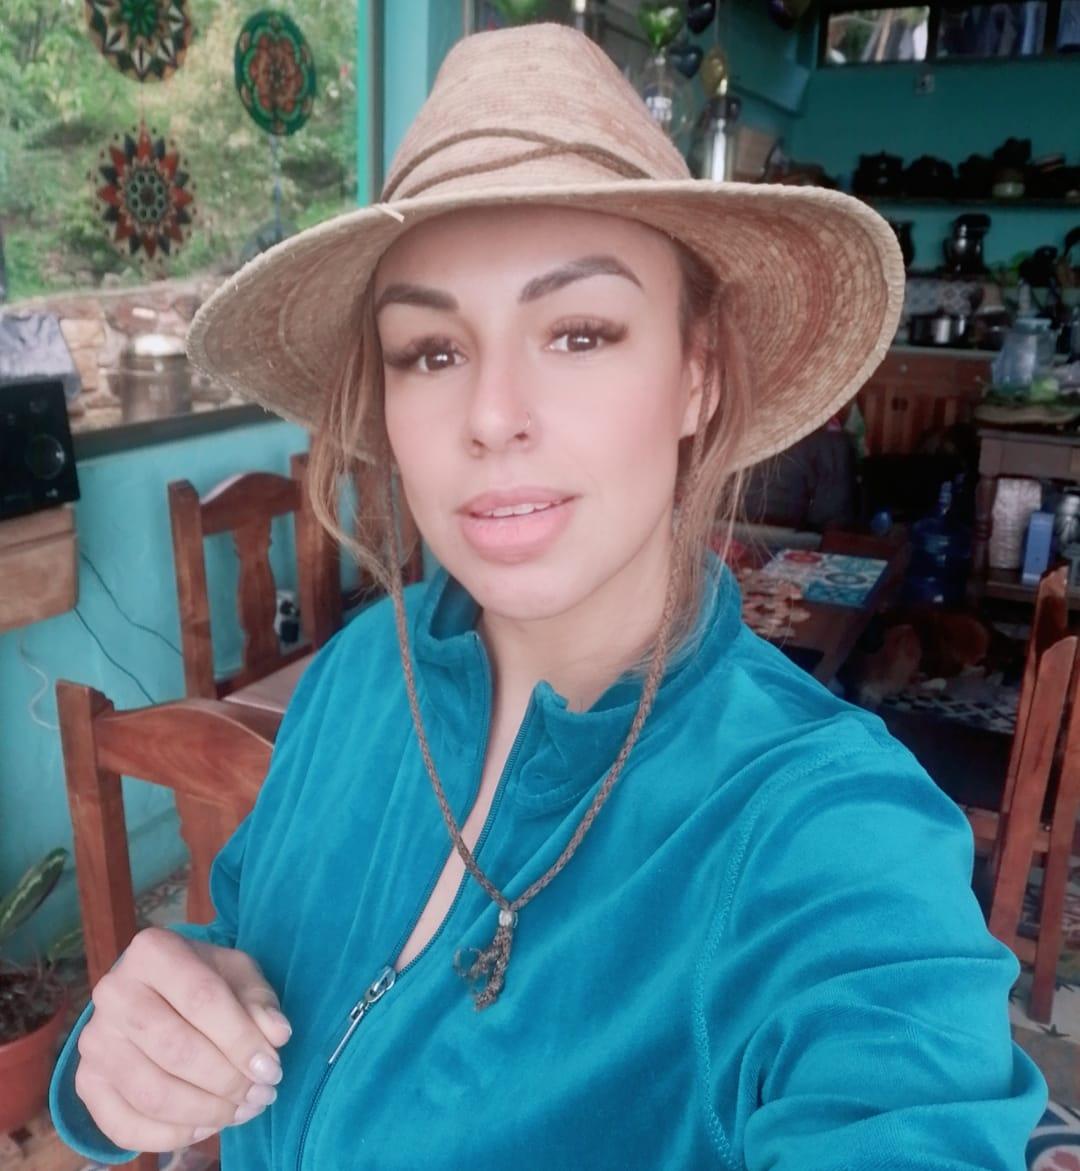 Todo es energía ⚡. Ella comienza en tus pensamientos. Tus emociones la amplifican y tus actos aumentan su momentum.  Tu energía define quien eres.  ¡Cuida tu energía!  🔝 https://t.co/gIRb4SWAWm  #Maía #maia #Colombia #laniñabonitadelasalsa #salsa https://t.co/coTuWLL9S4